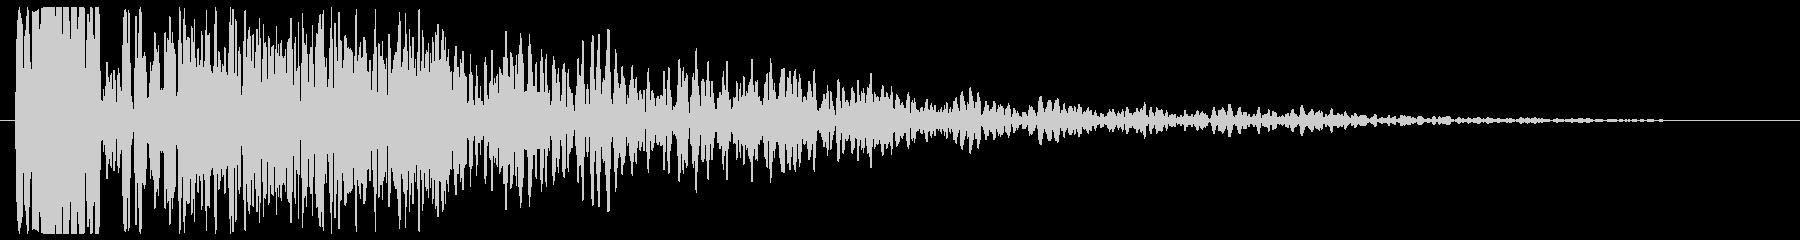 ボァ〜ン(起動音など)の未再生の波形